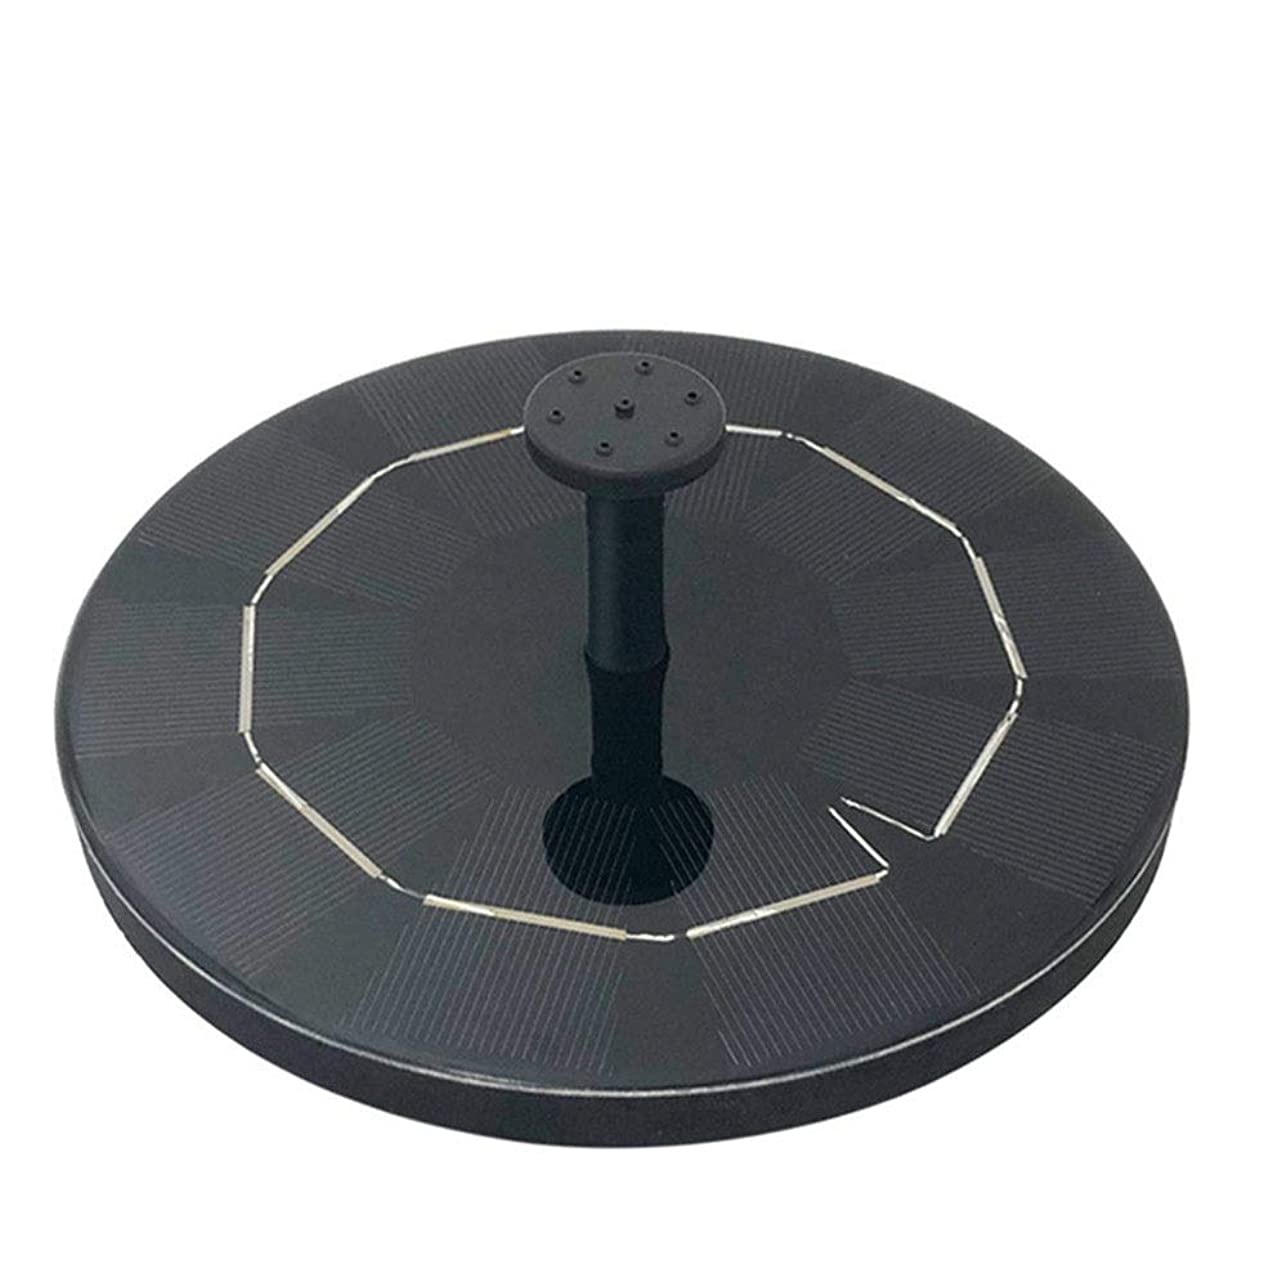 湿気の多い芝生鎮痛剤庭噴水池 ソーラーパネルで省エネ 流水太陽ストレージ噴水3.0Wラウンド太陽浮動噴水屋外鳥風呂 池でも使えるソーラー池ポンプ (Color : Black, Size : M)